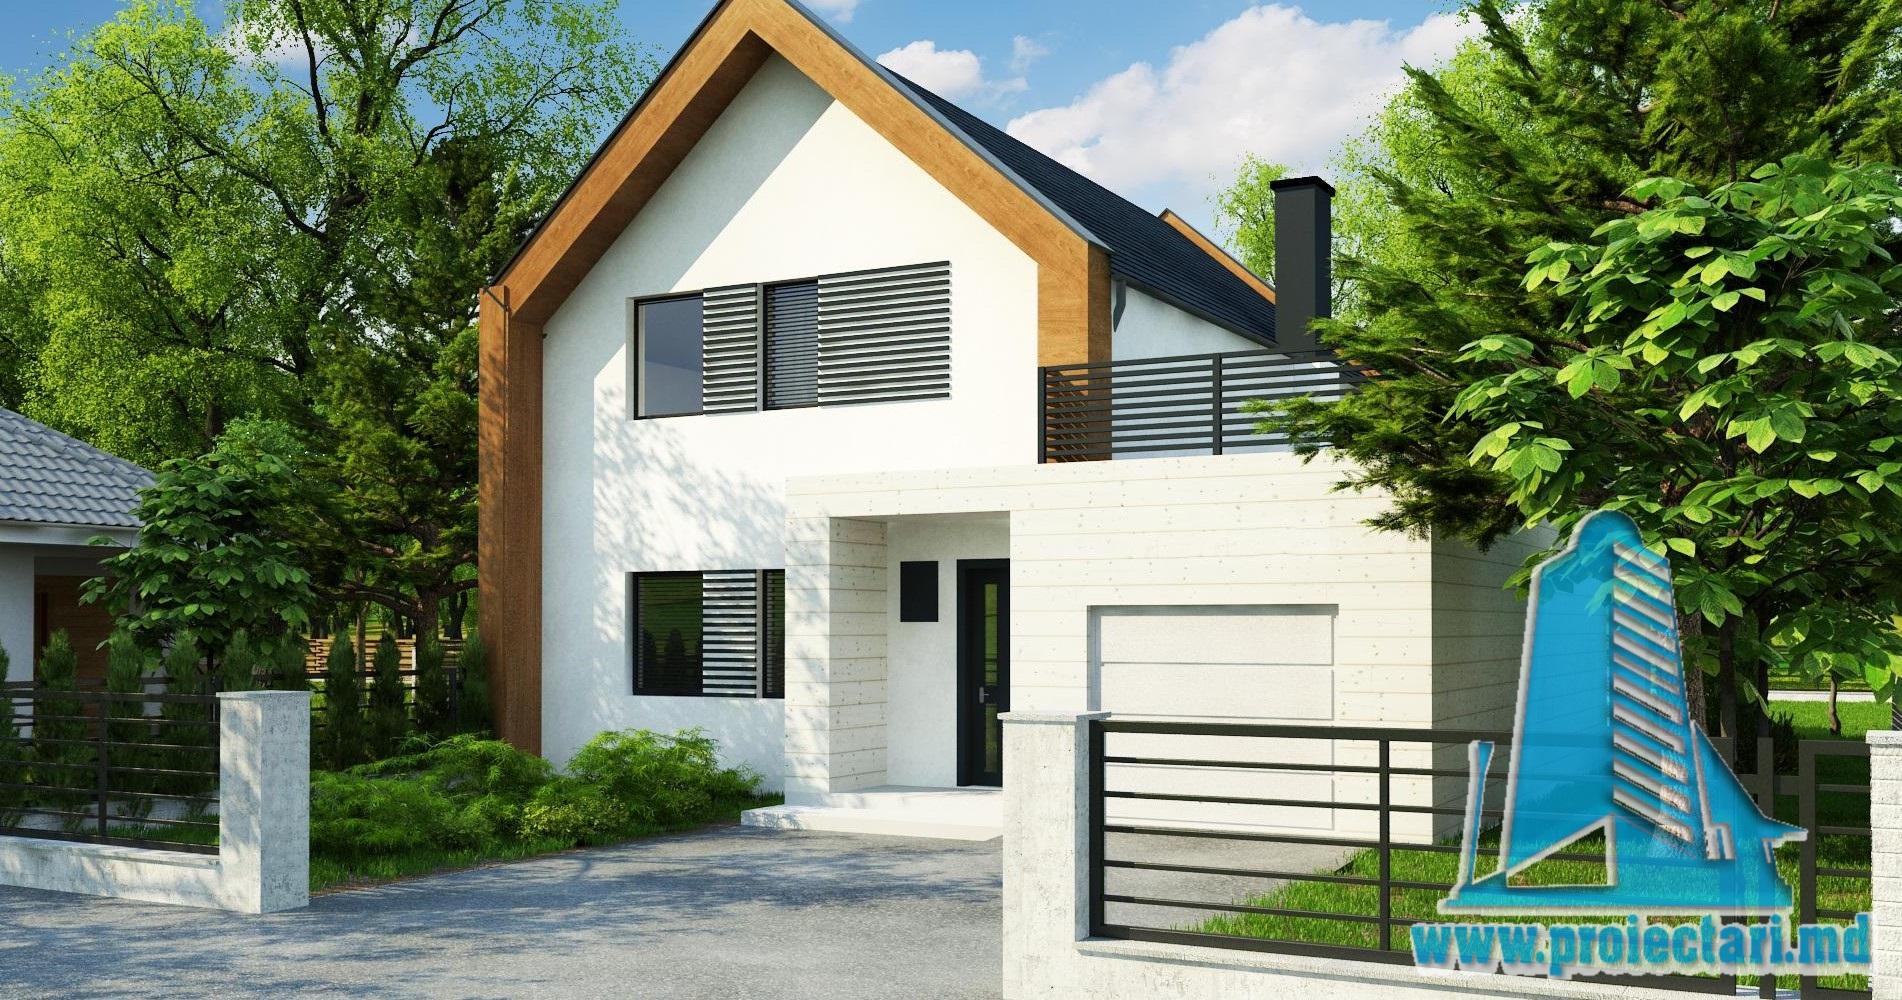 Proiect Casa Din Lemn.Proekt Doma C Garazhom Dlya 1avtomobilya Parterom Mansardoj I Letnej